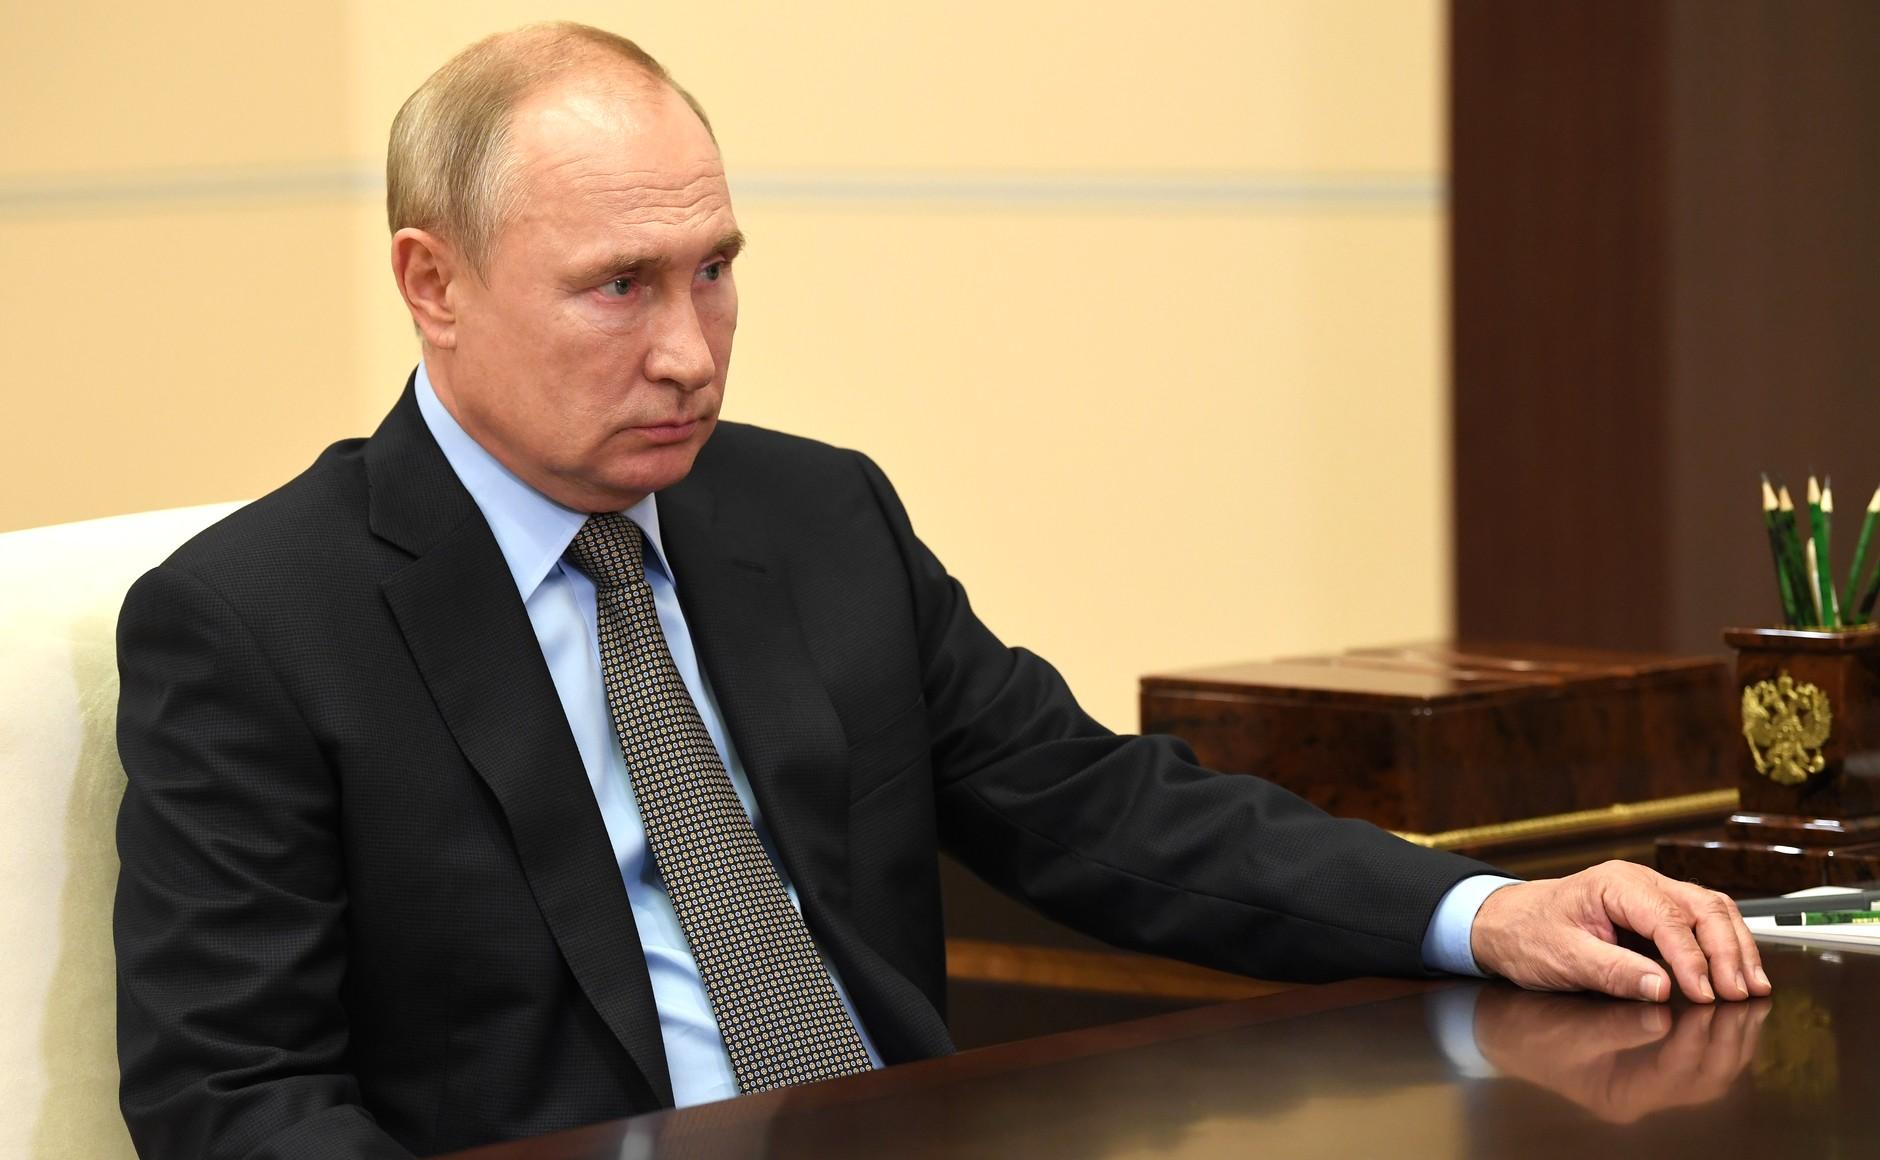 KREMLIN 2 X 4 DU 26.08.2020 Lors de la réunion avec le directeur du Service fédéral des huissiers de justice (FBS), l'huissier en chef de la Fédération de Russie Dmitri Aristov. 4HHmU9VwvIsx6RBJgh4dsTpJiVRjhVNY